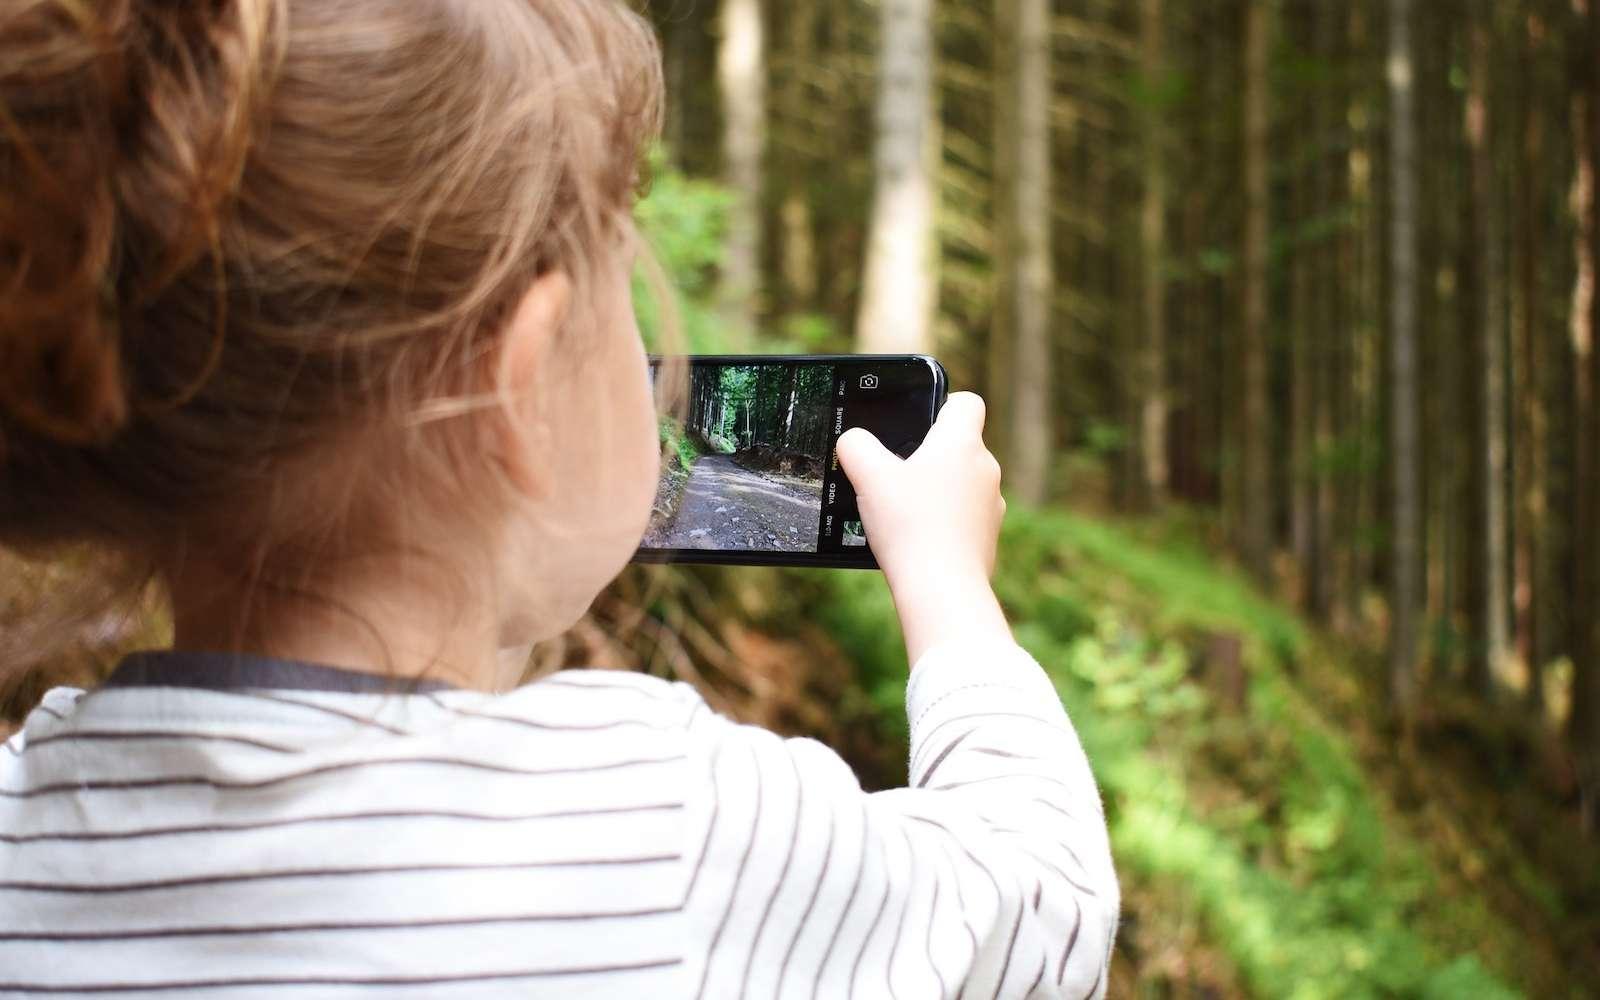 Family Link s'installe uniquement sur un appareil sous Android, mais les parents peuvent l'utiliser depuis un iPhone. © Anviere, Pixabay